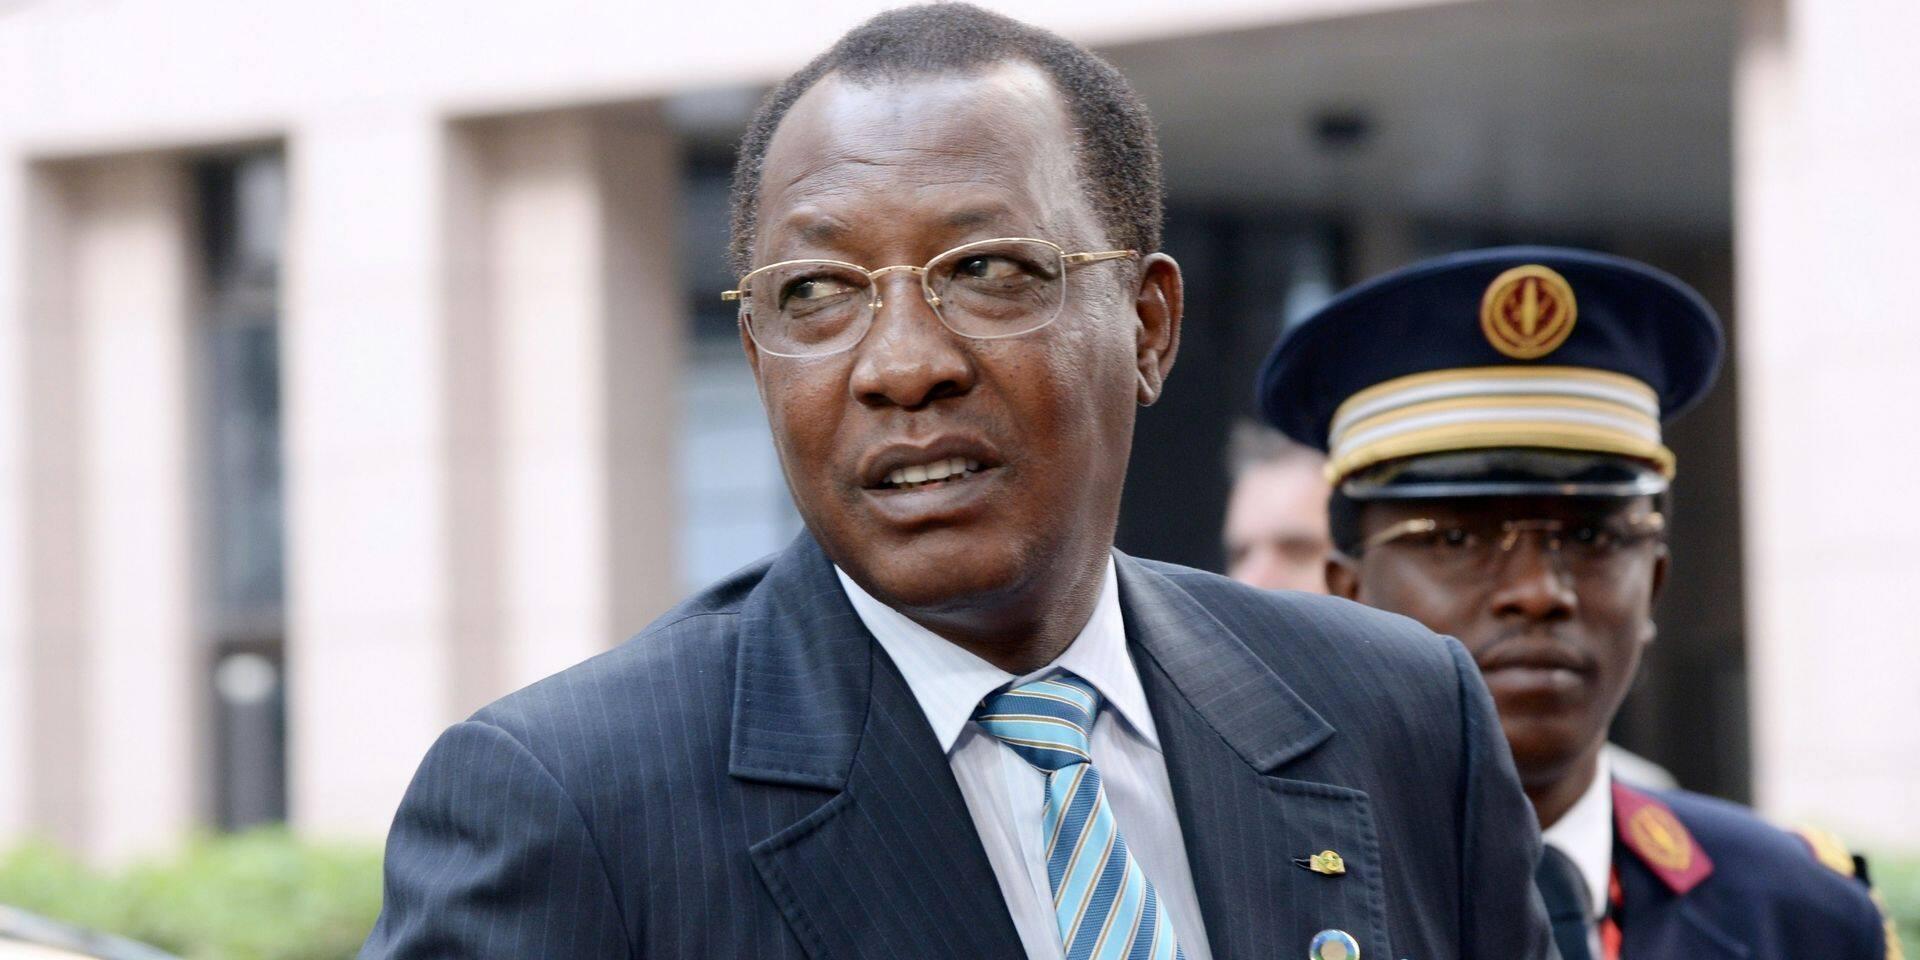 Le président tchadien Idriss Déby élevé au titre de maréchal